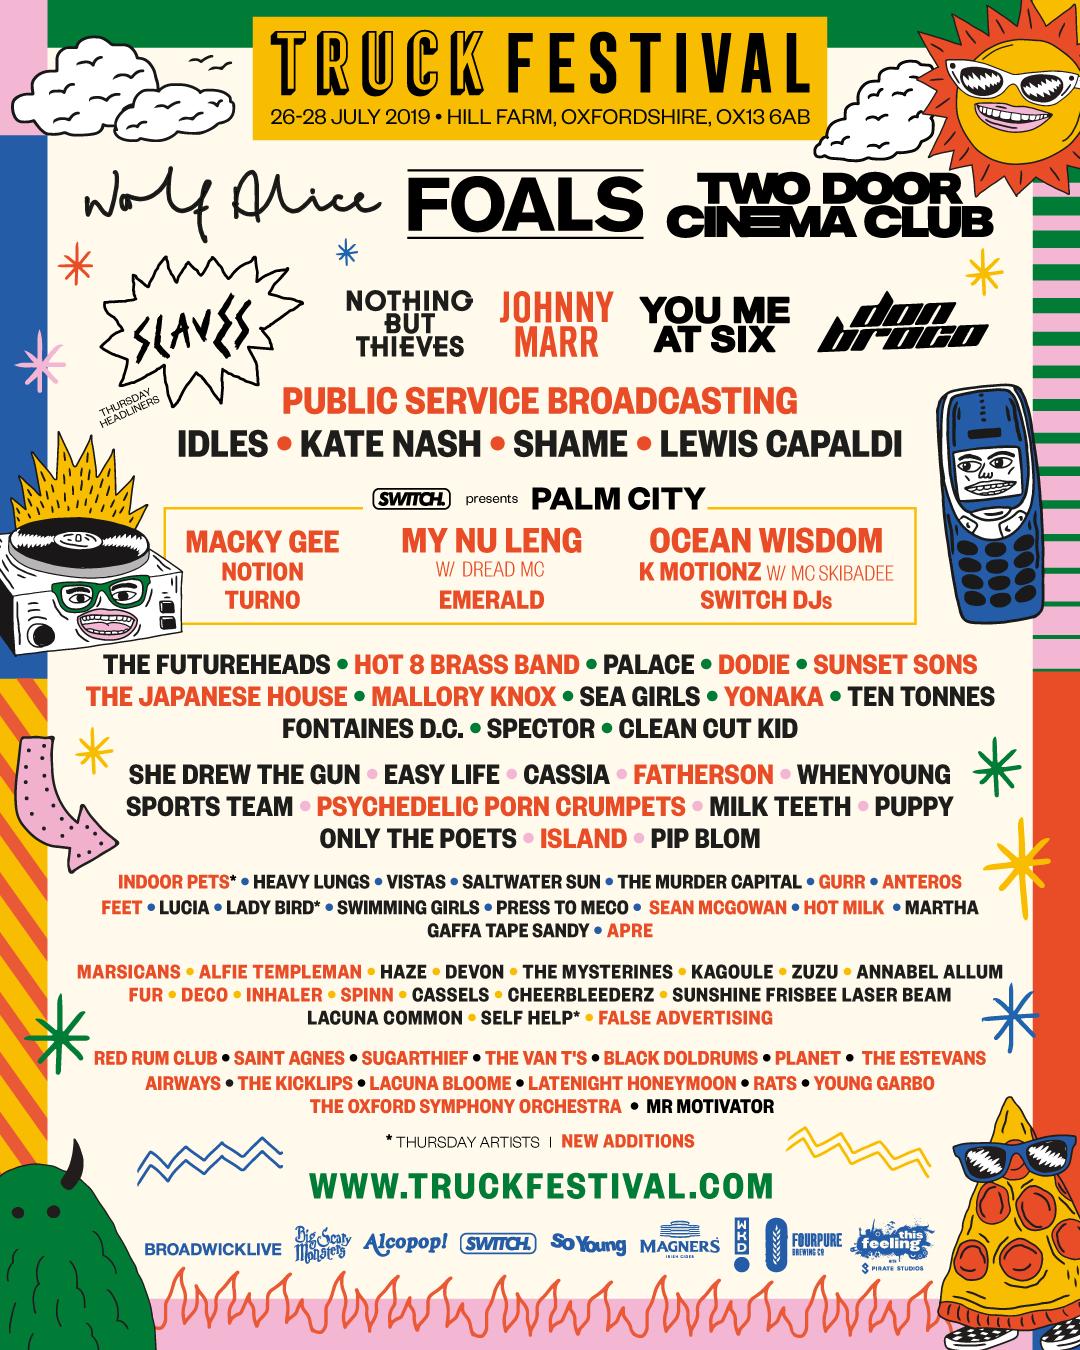 truck-festival-2019-full-line-up